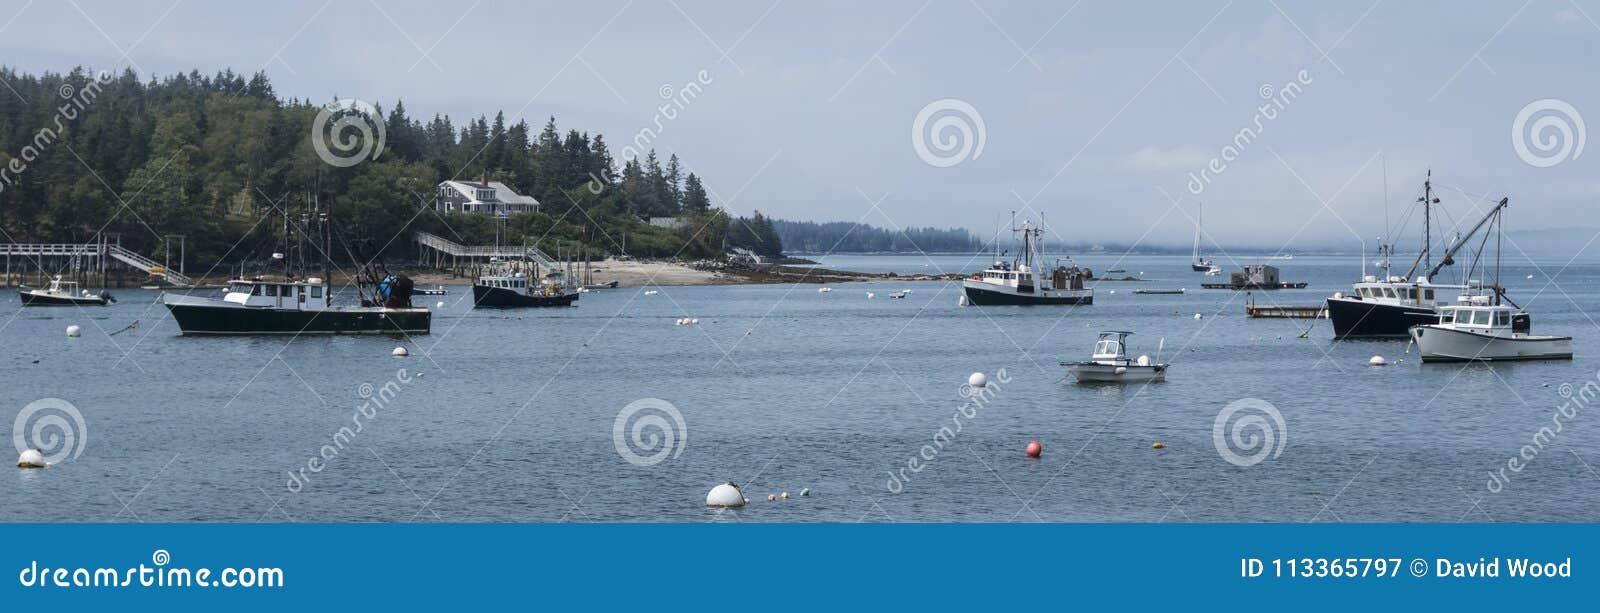 Гавань в Мейне при причаленные рыболовные лодки промышленного рыболовства